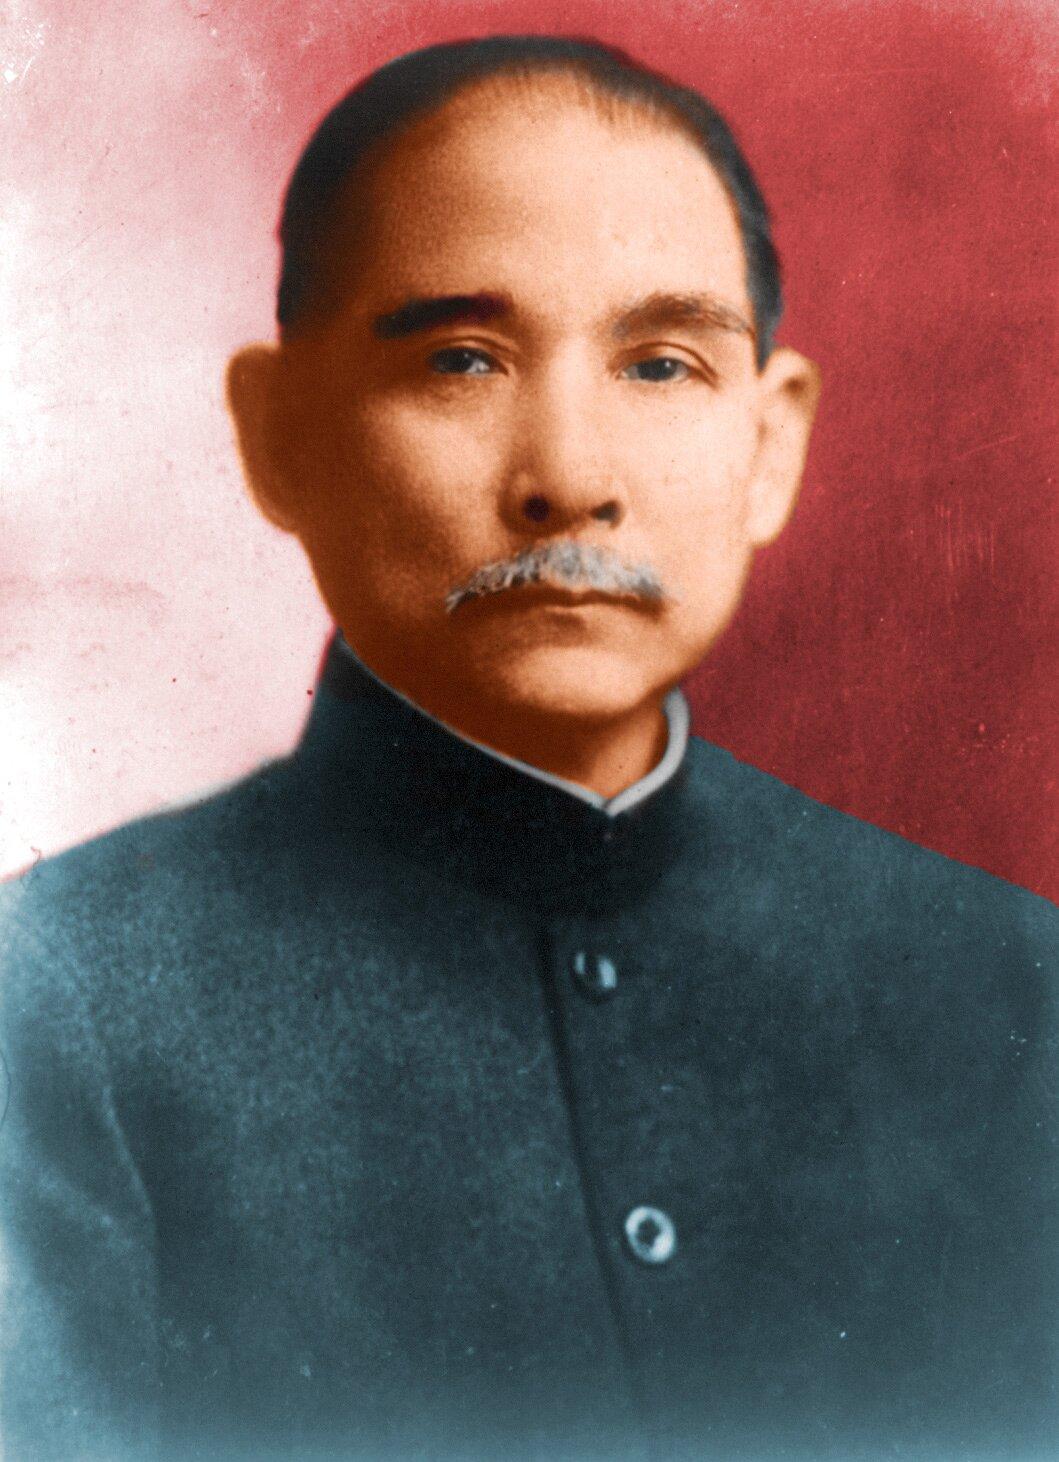 Sun Jat-Sen Źródło: Militaryace, Sun Jat-Sen, domena publiczna.